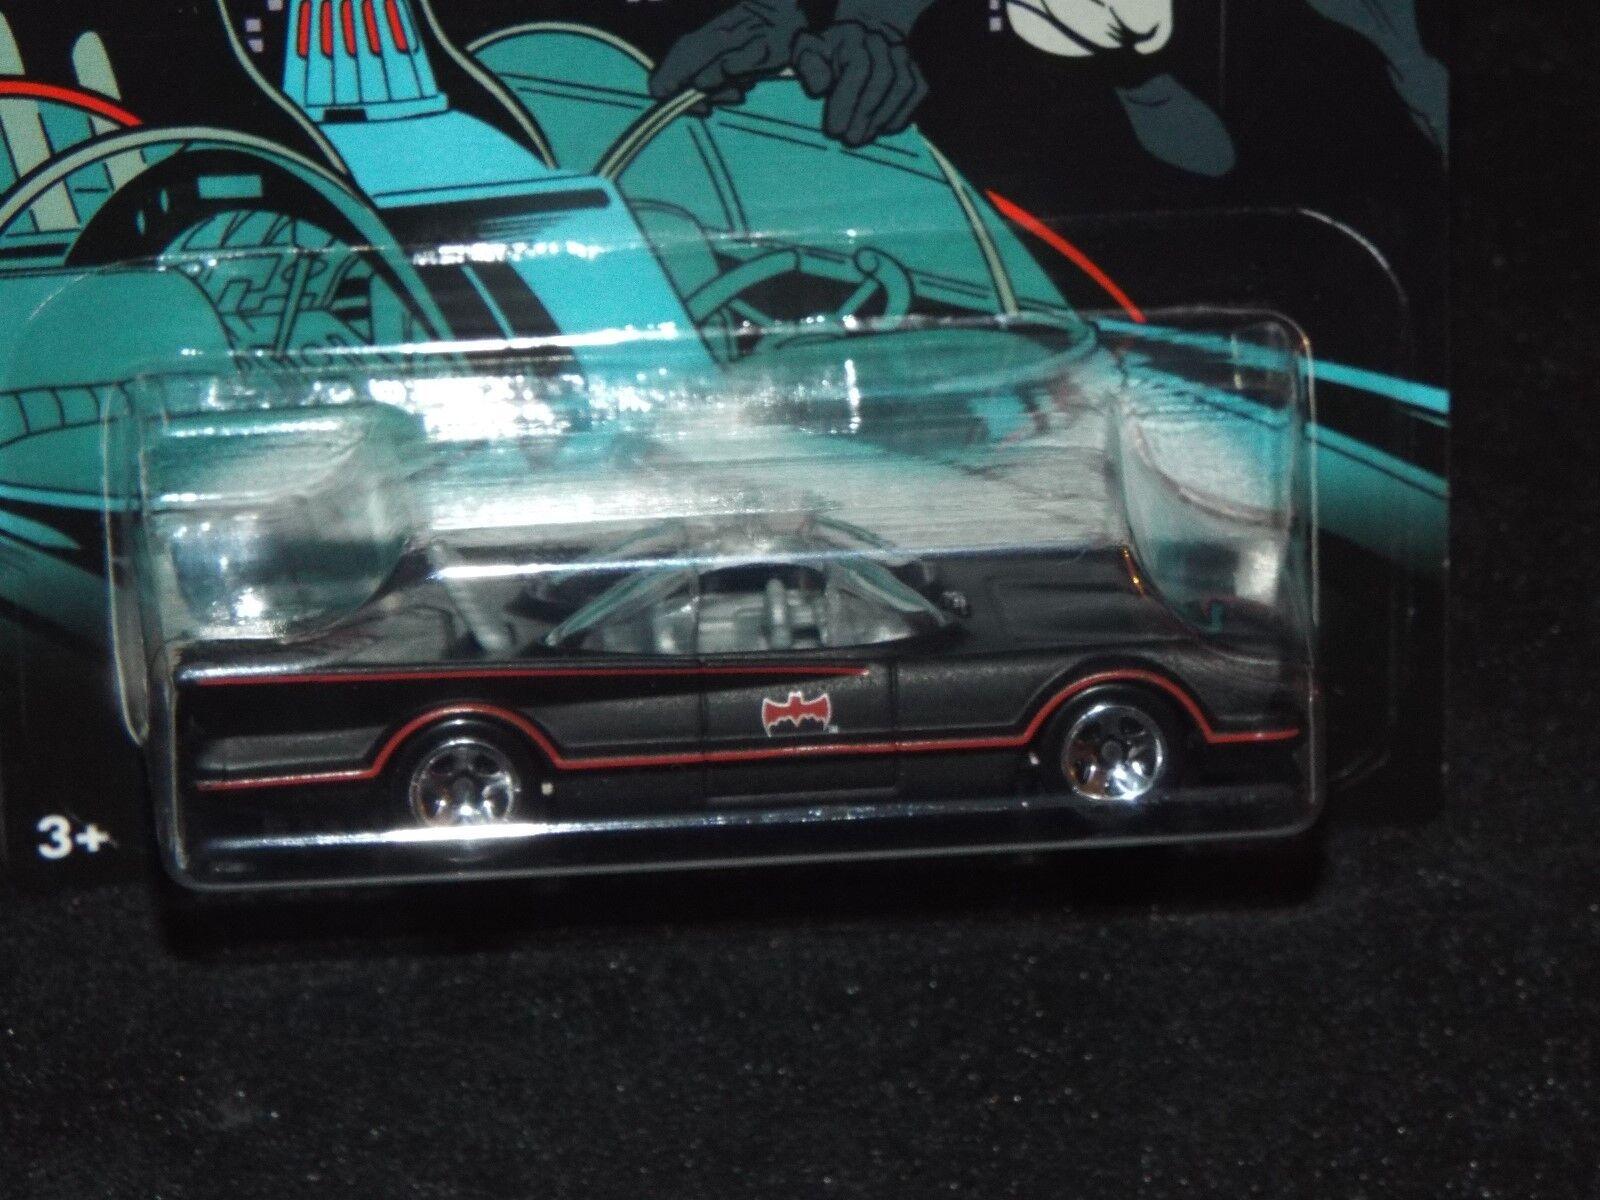 (5) (5) (5) 2015 Hot Wheels BATMAN 1966 CLASSIC TV SERIES BATMOBILE Walmart 1 64 70cd6d